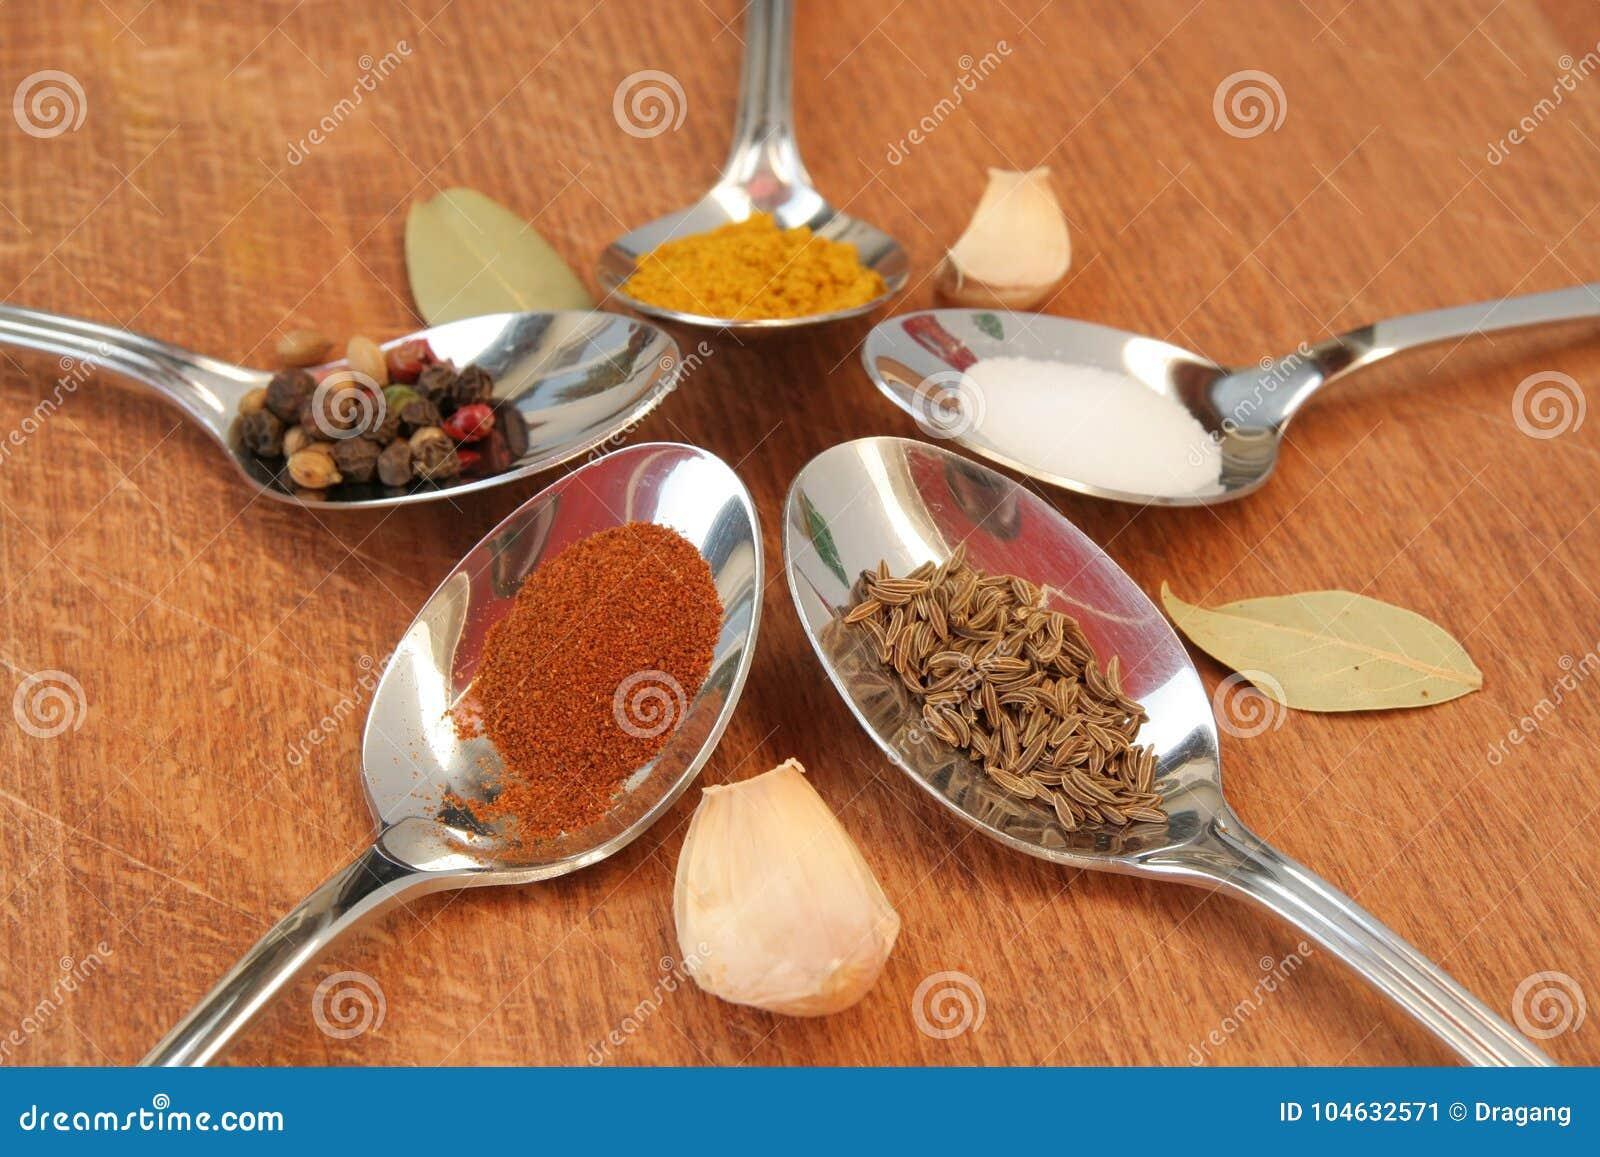 Download Kokende Kruiden Voedselkruiden Kruiden In Theelepeltjes Stock Afbeelding - Afbeelding bestaande uit paprika, vers: 104632571